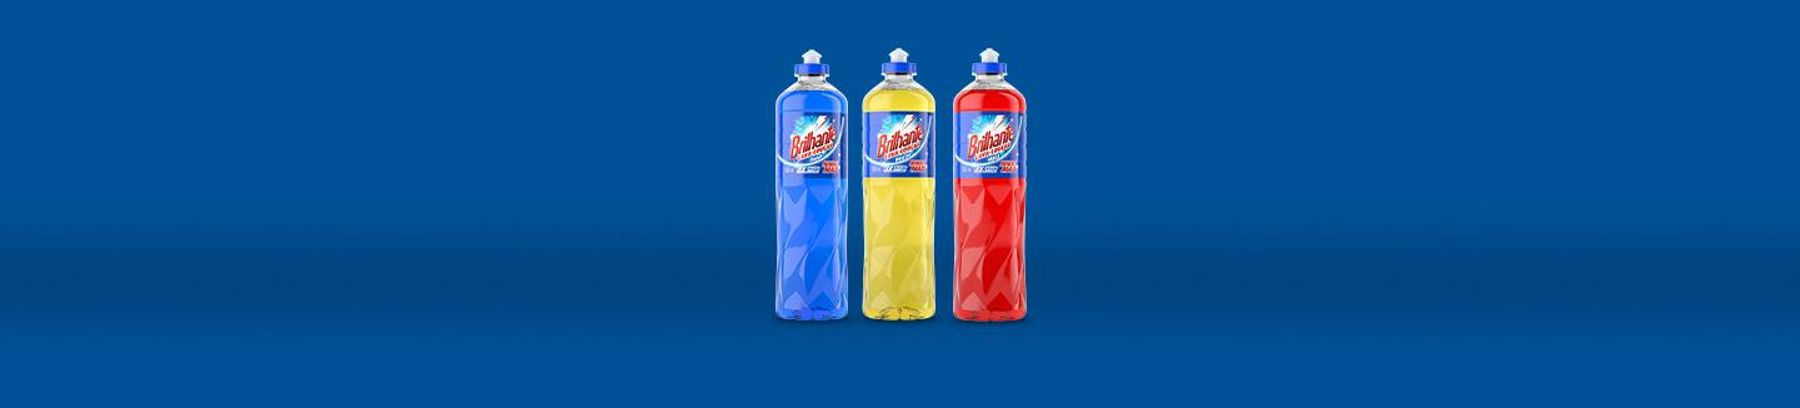 Linha de Produtos Brilhante Detergente